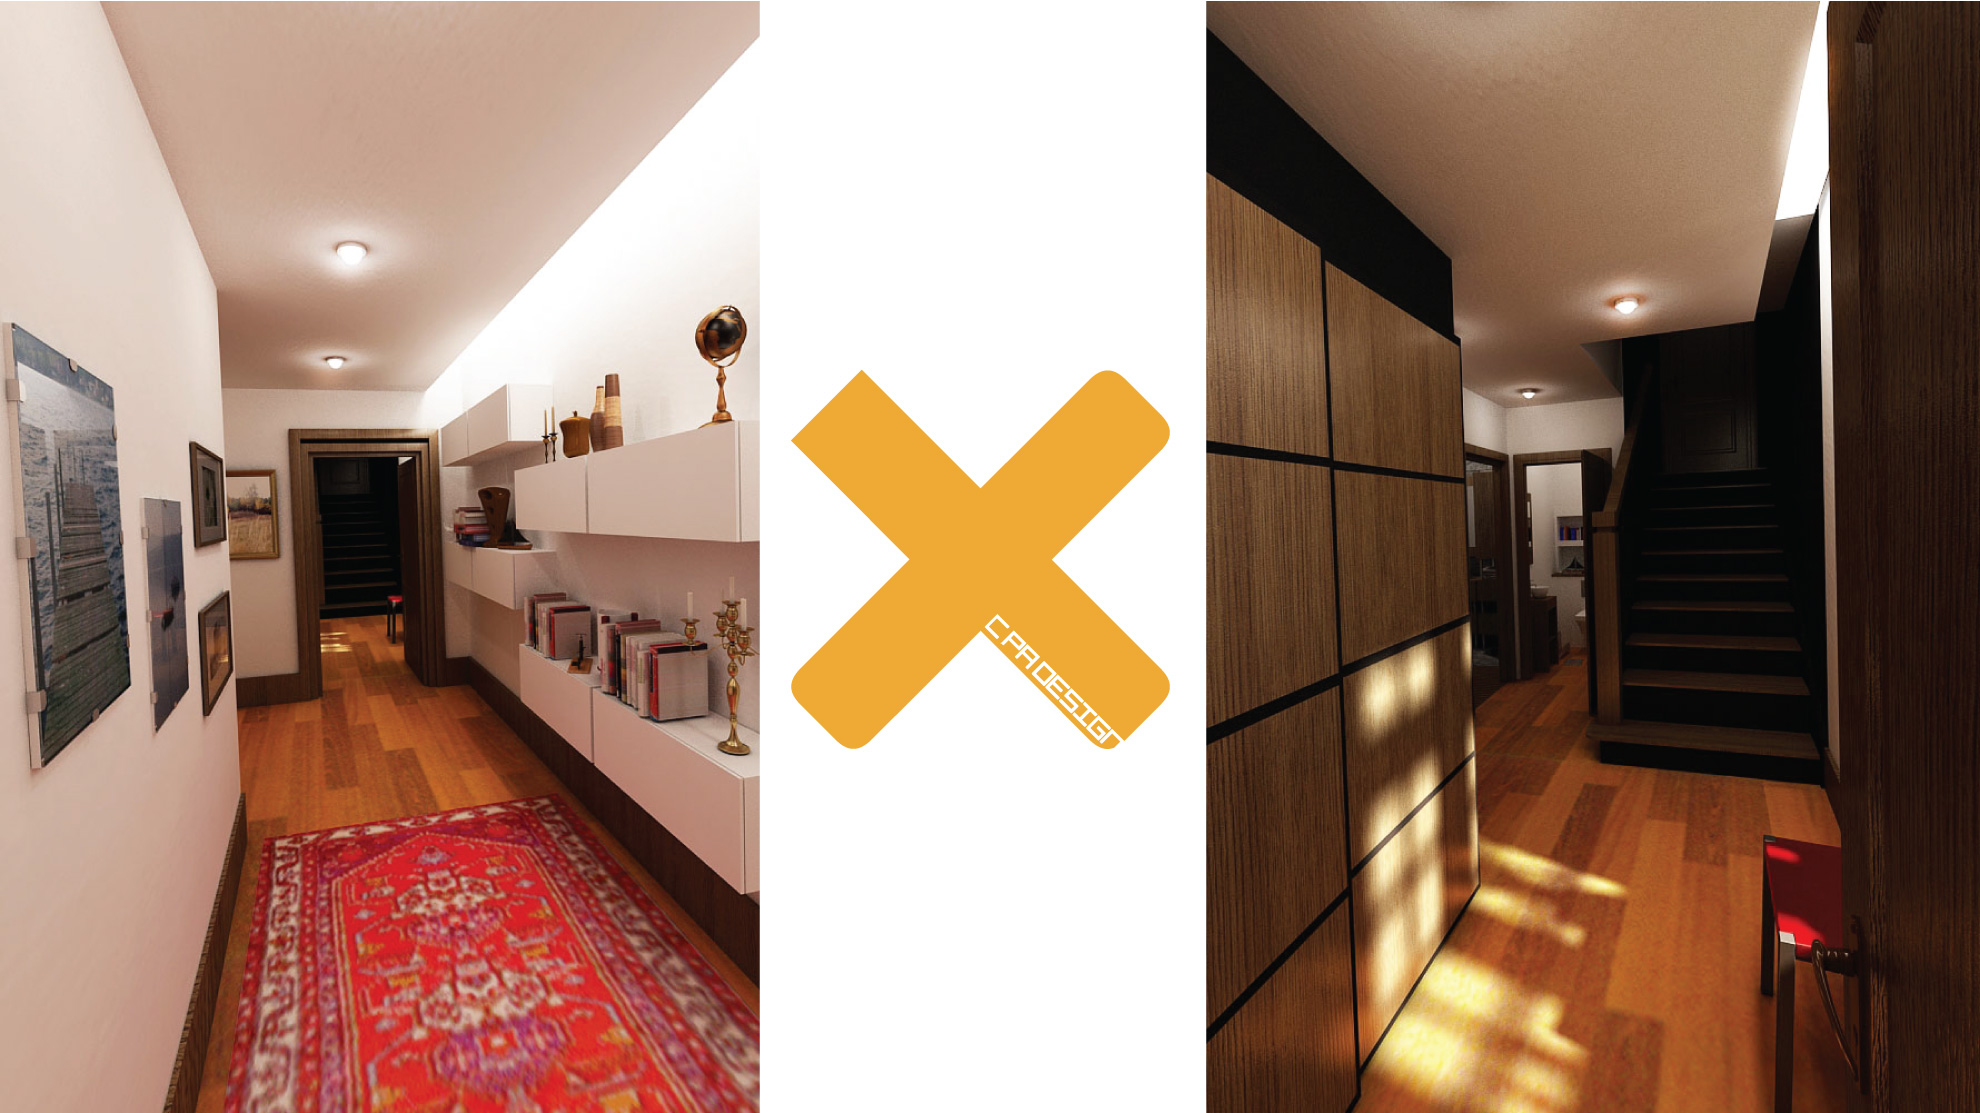 c_pa_design_produit_design_mobilier_realisation_architecture-interieure -3d-réaliste-insertion